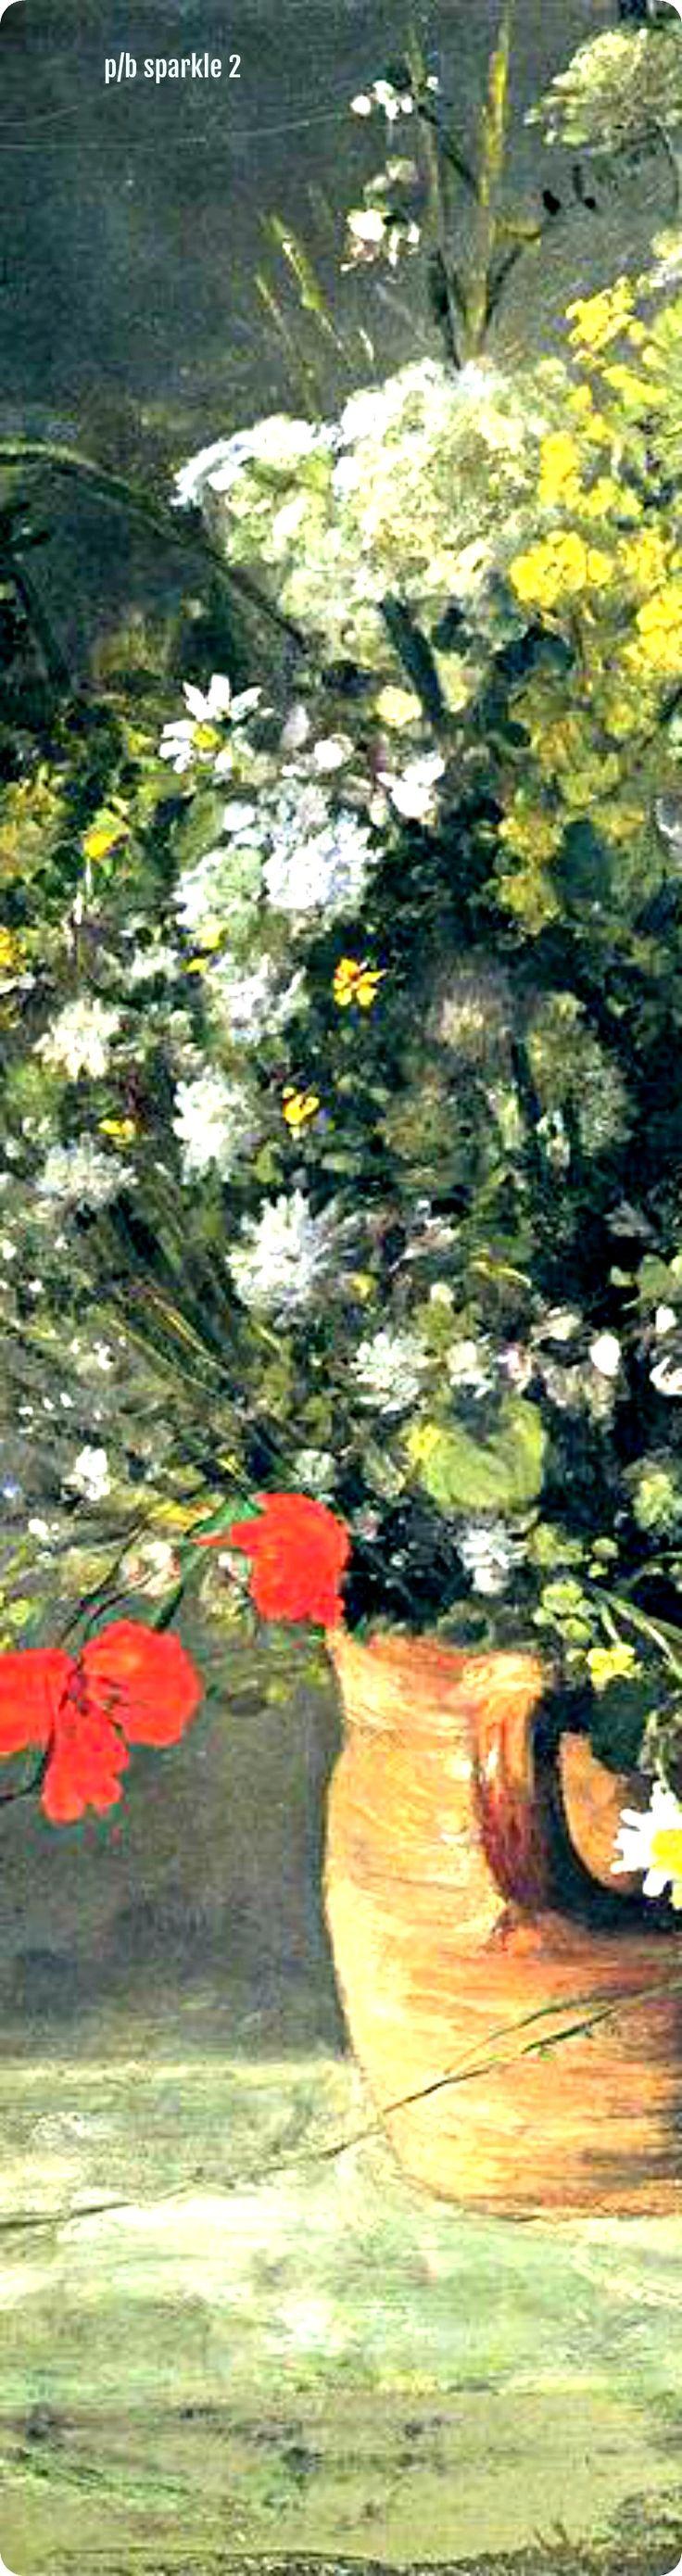 Pierre-Auguste Renoir (1841-1919): Flowers in a Vase, 1866